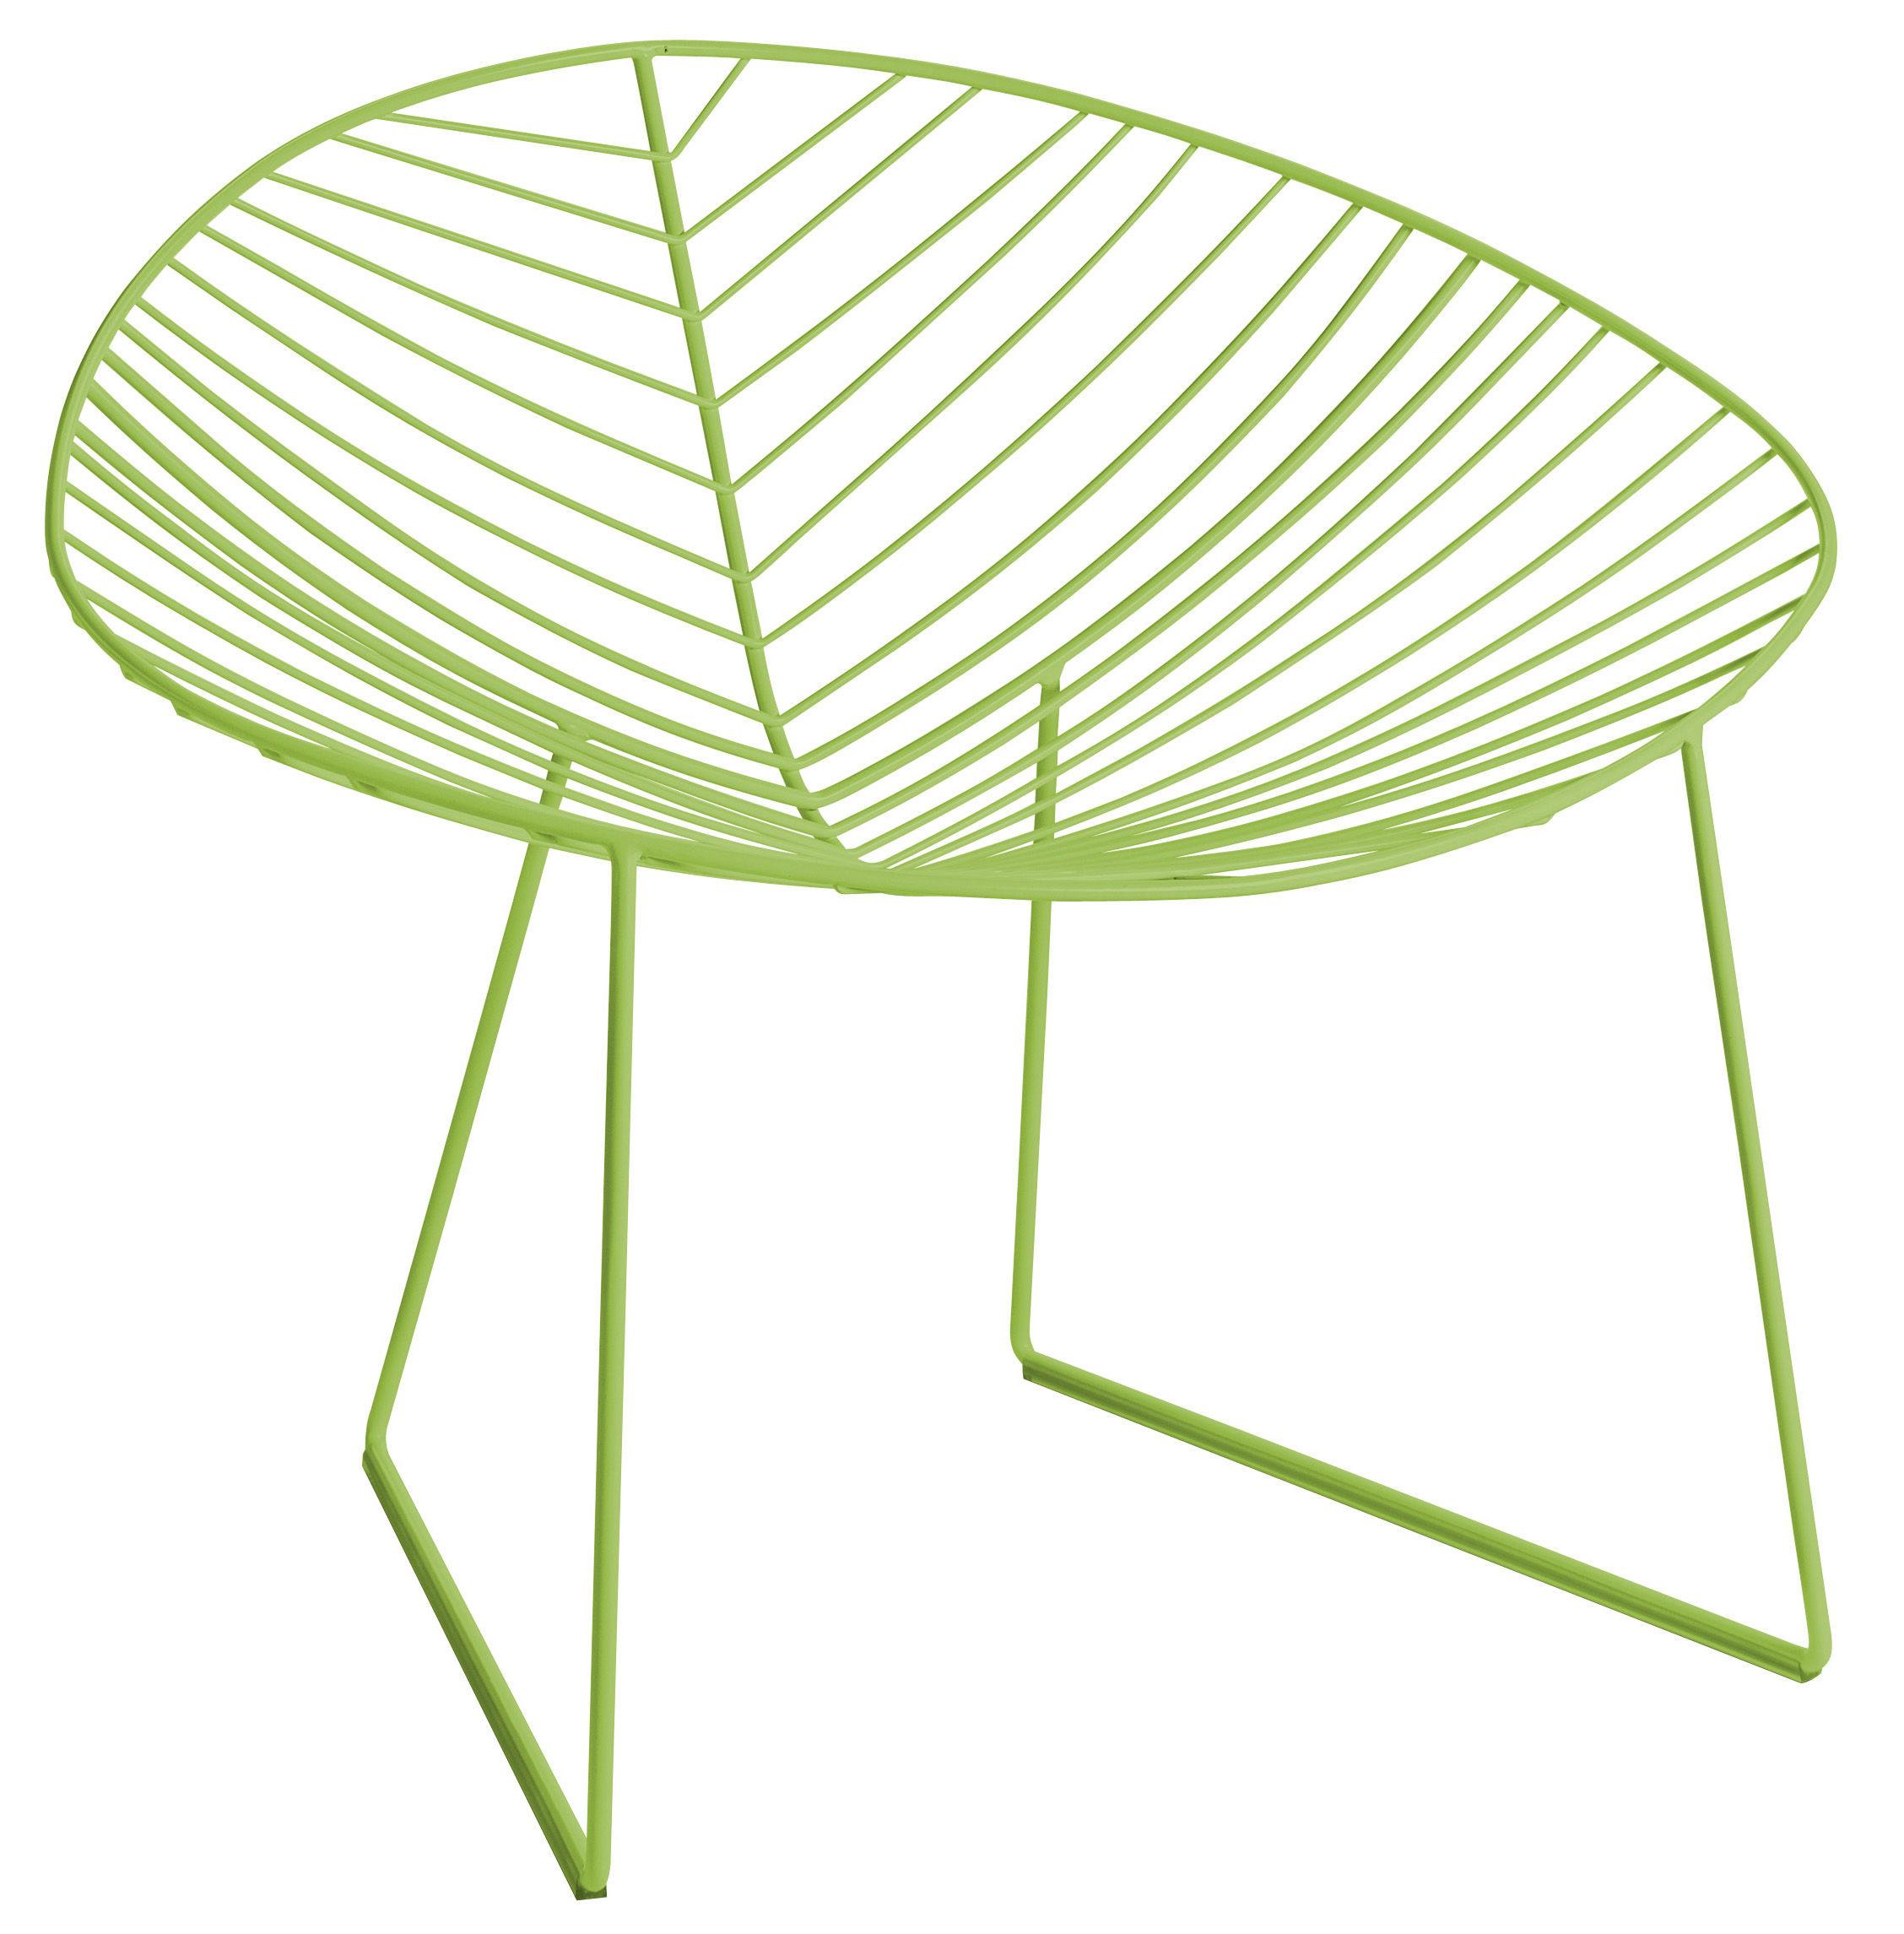 Möbel - Lounge Sessel - Leaf Sessel - Arper - Grün - lackierter Stahl